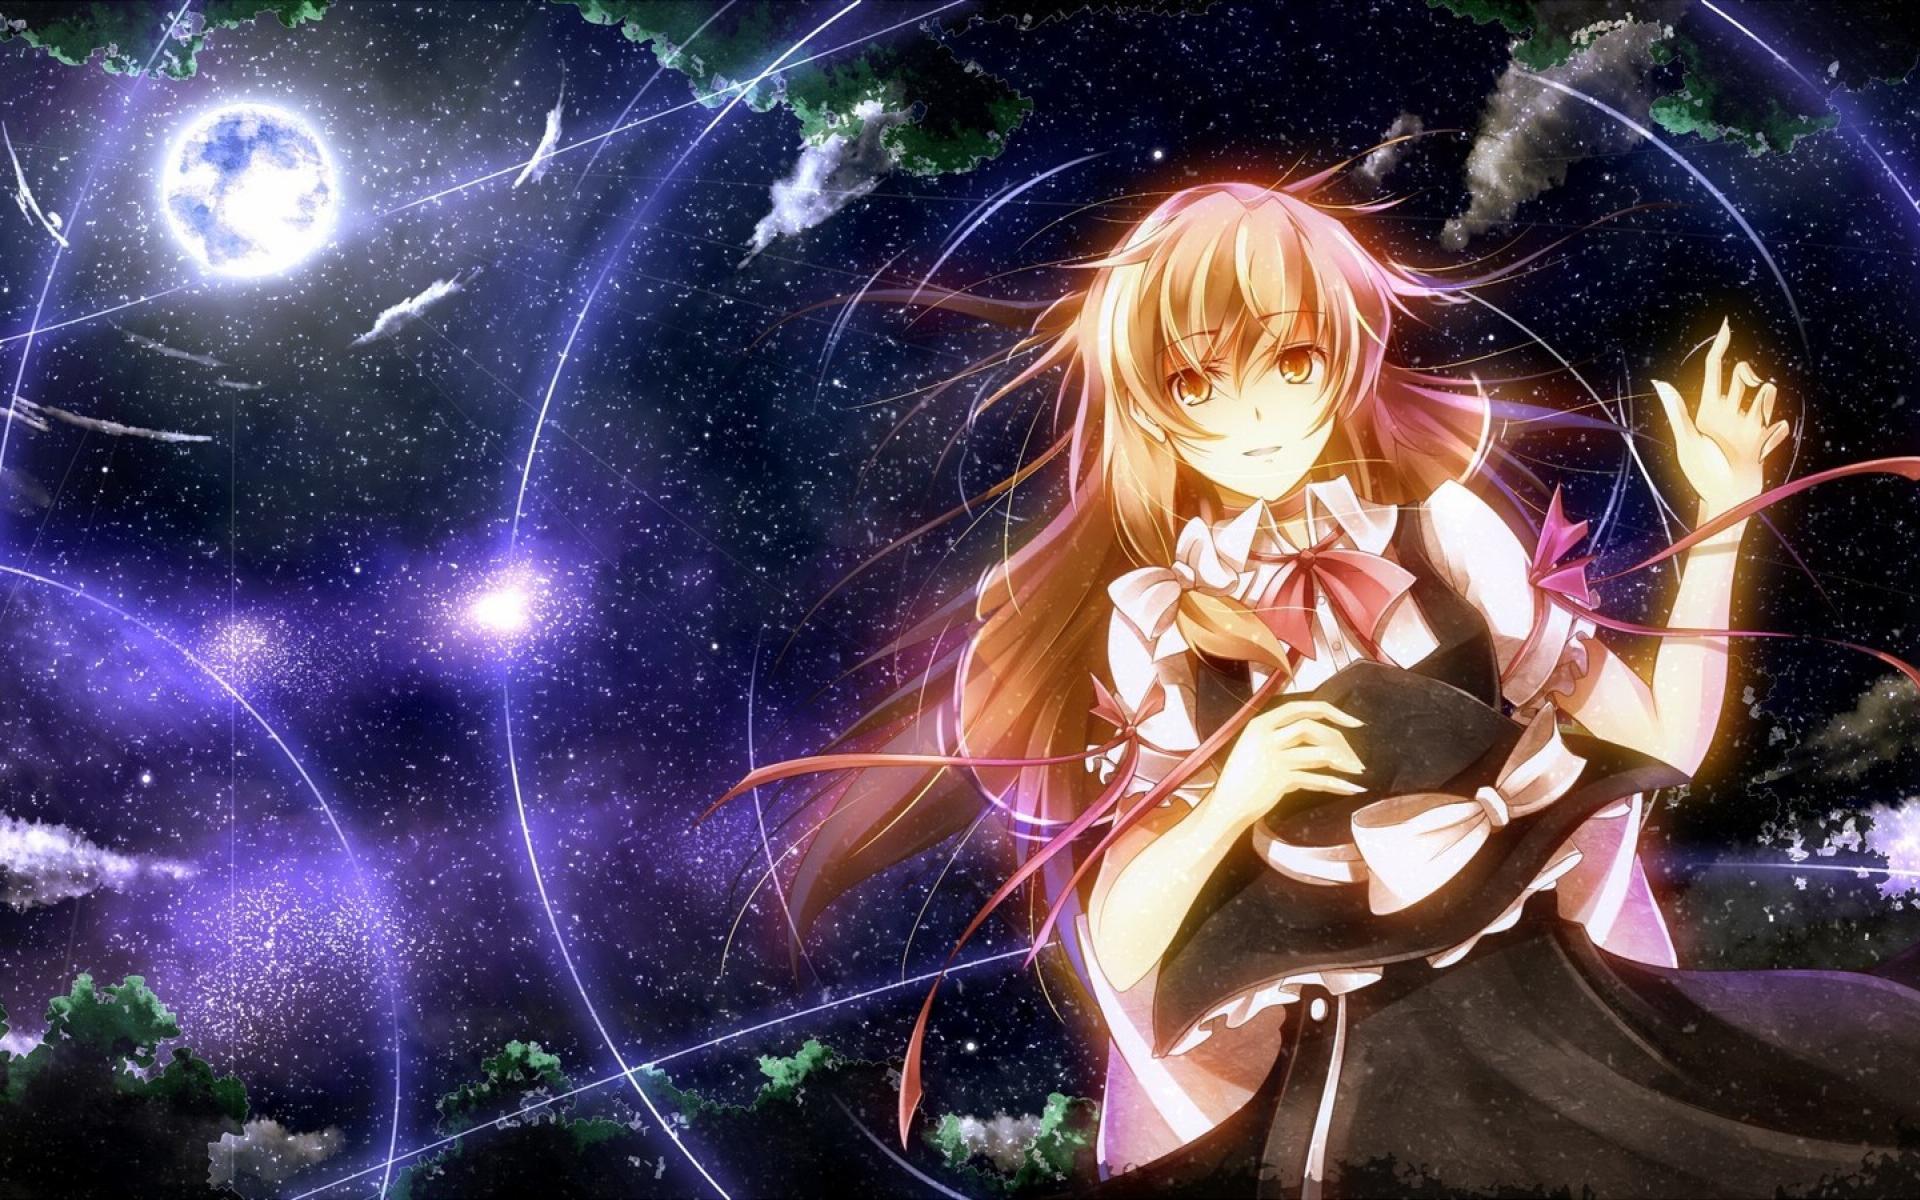 Anime girls wallpapers hd resoluciones taringa - Fantastic girl wallpaper hd ...